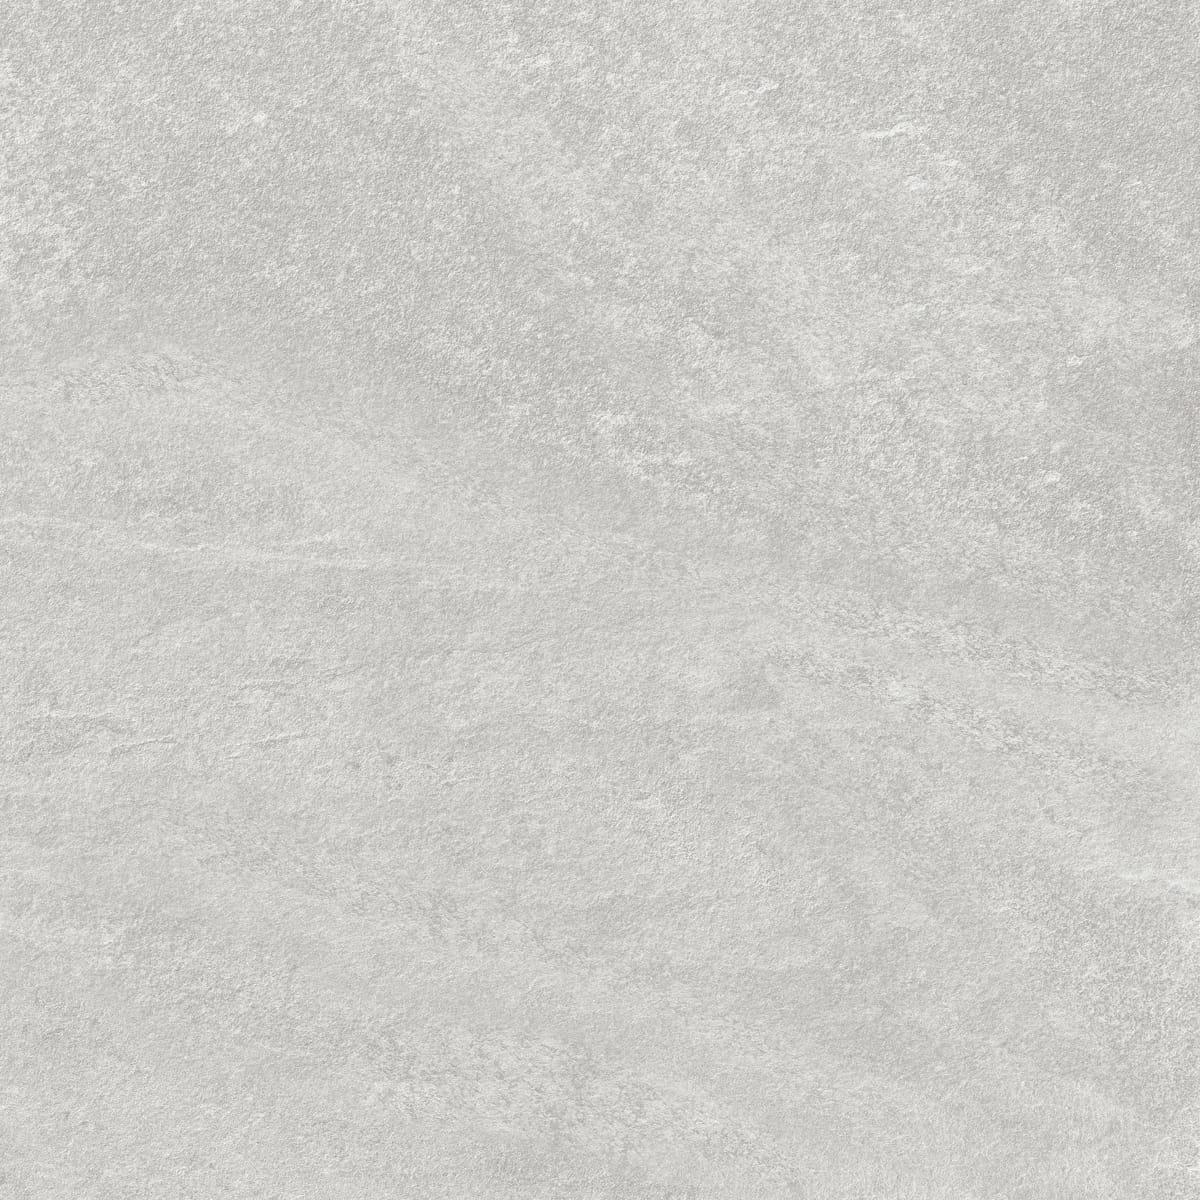 FOTO basalt perla antideslizante 59x59